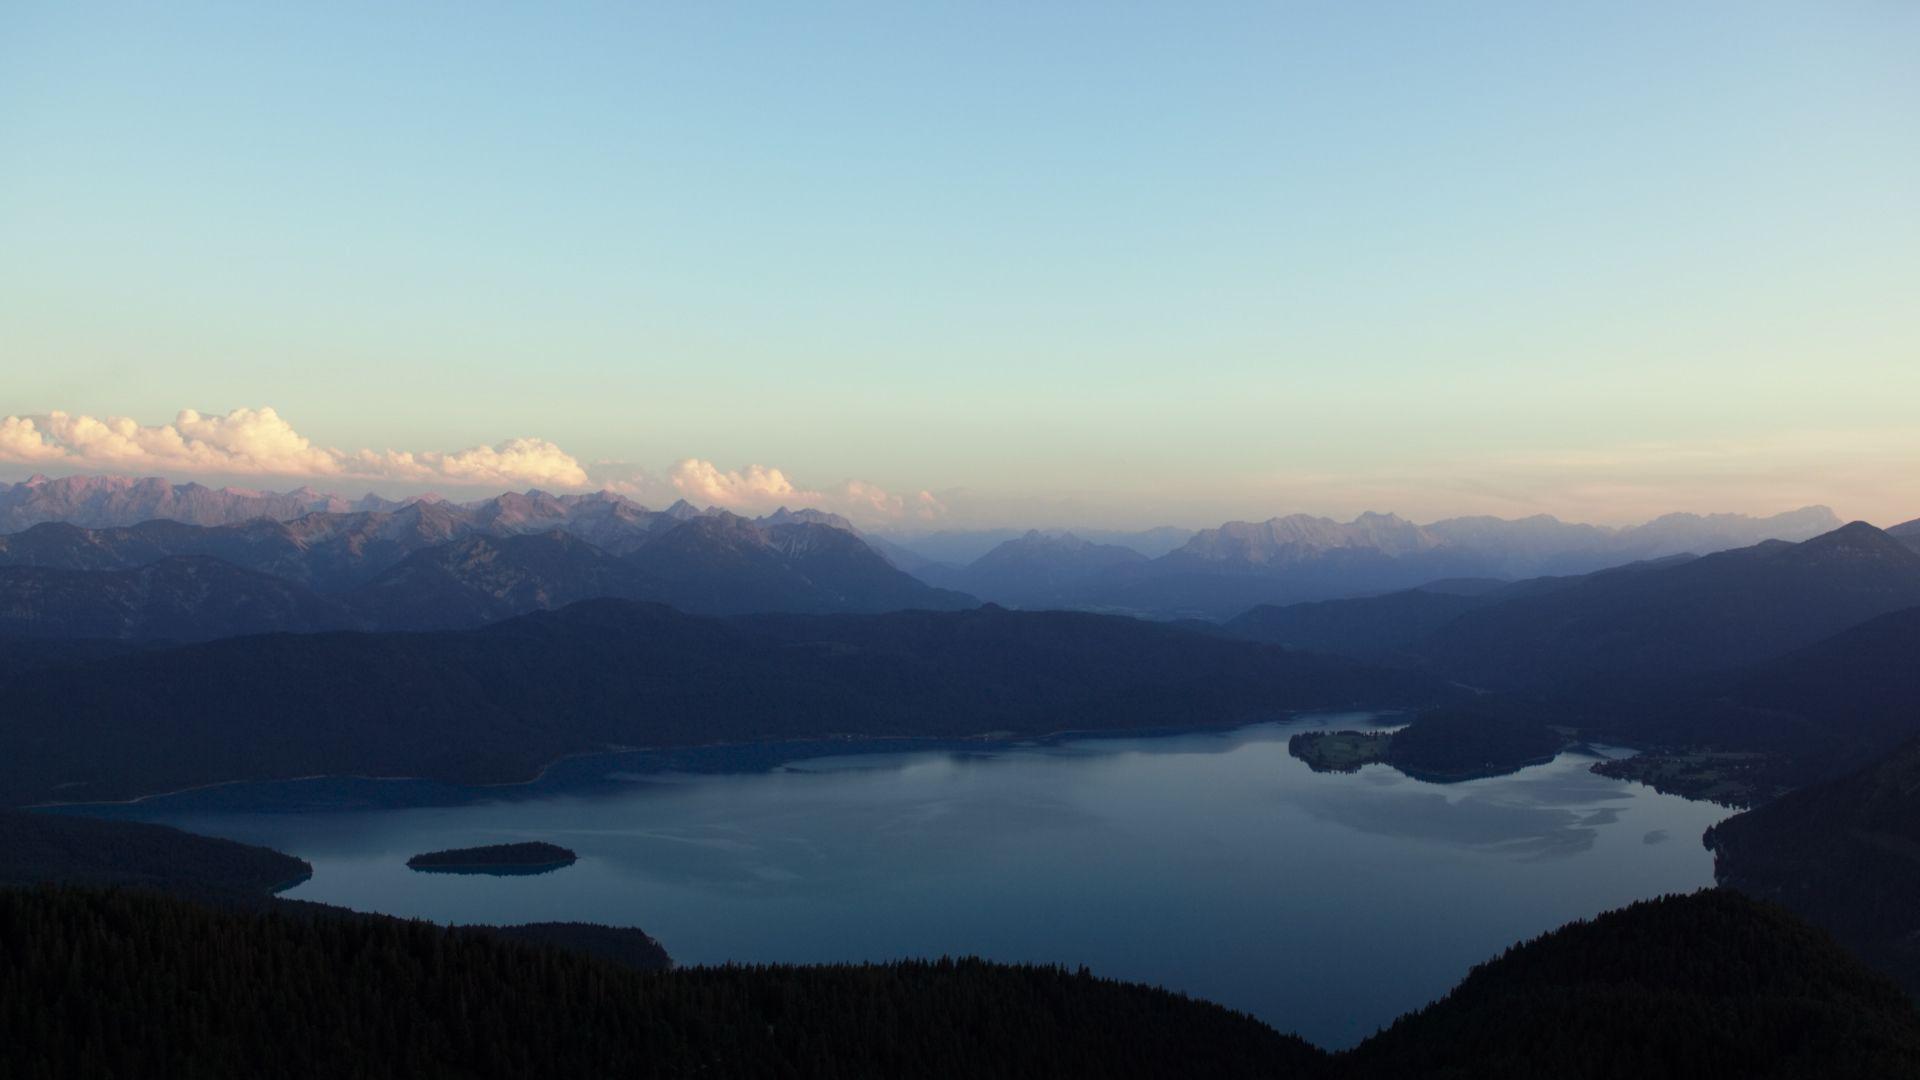 """Filmbild aus """"Walchensee Forever"""": Totale vom Walchensee, Luftaufnahme, im Hintergrund Bergketten und Himmel"""